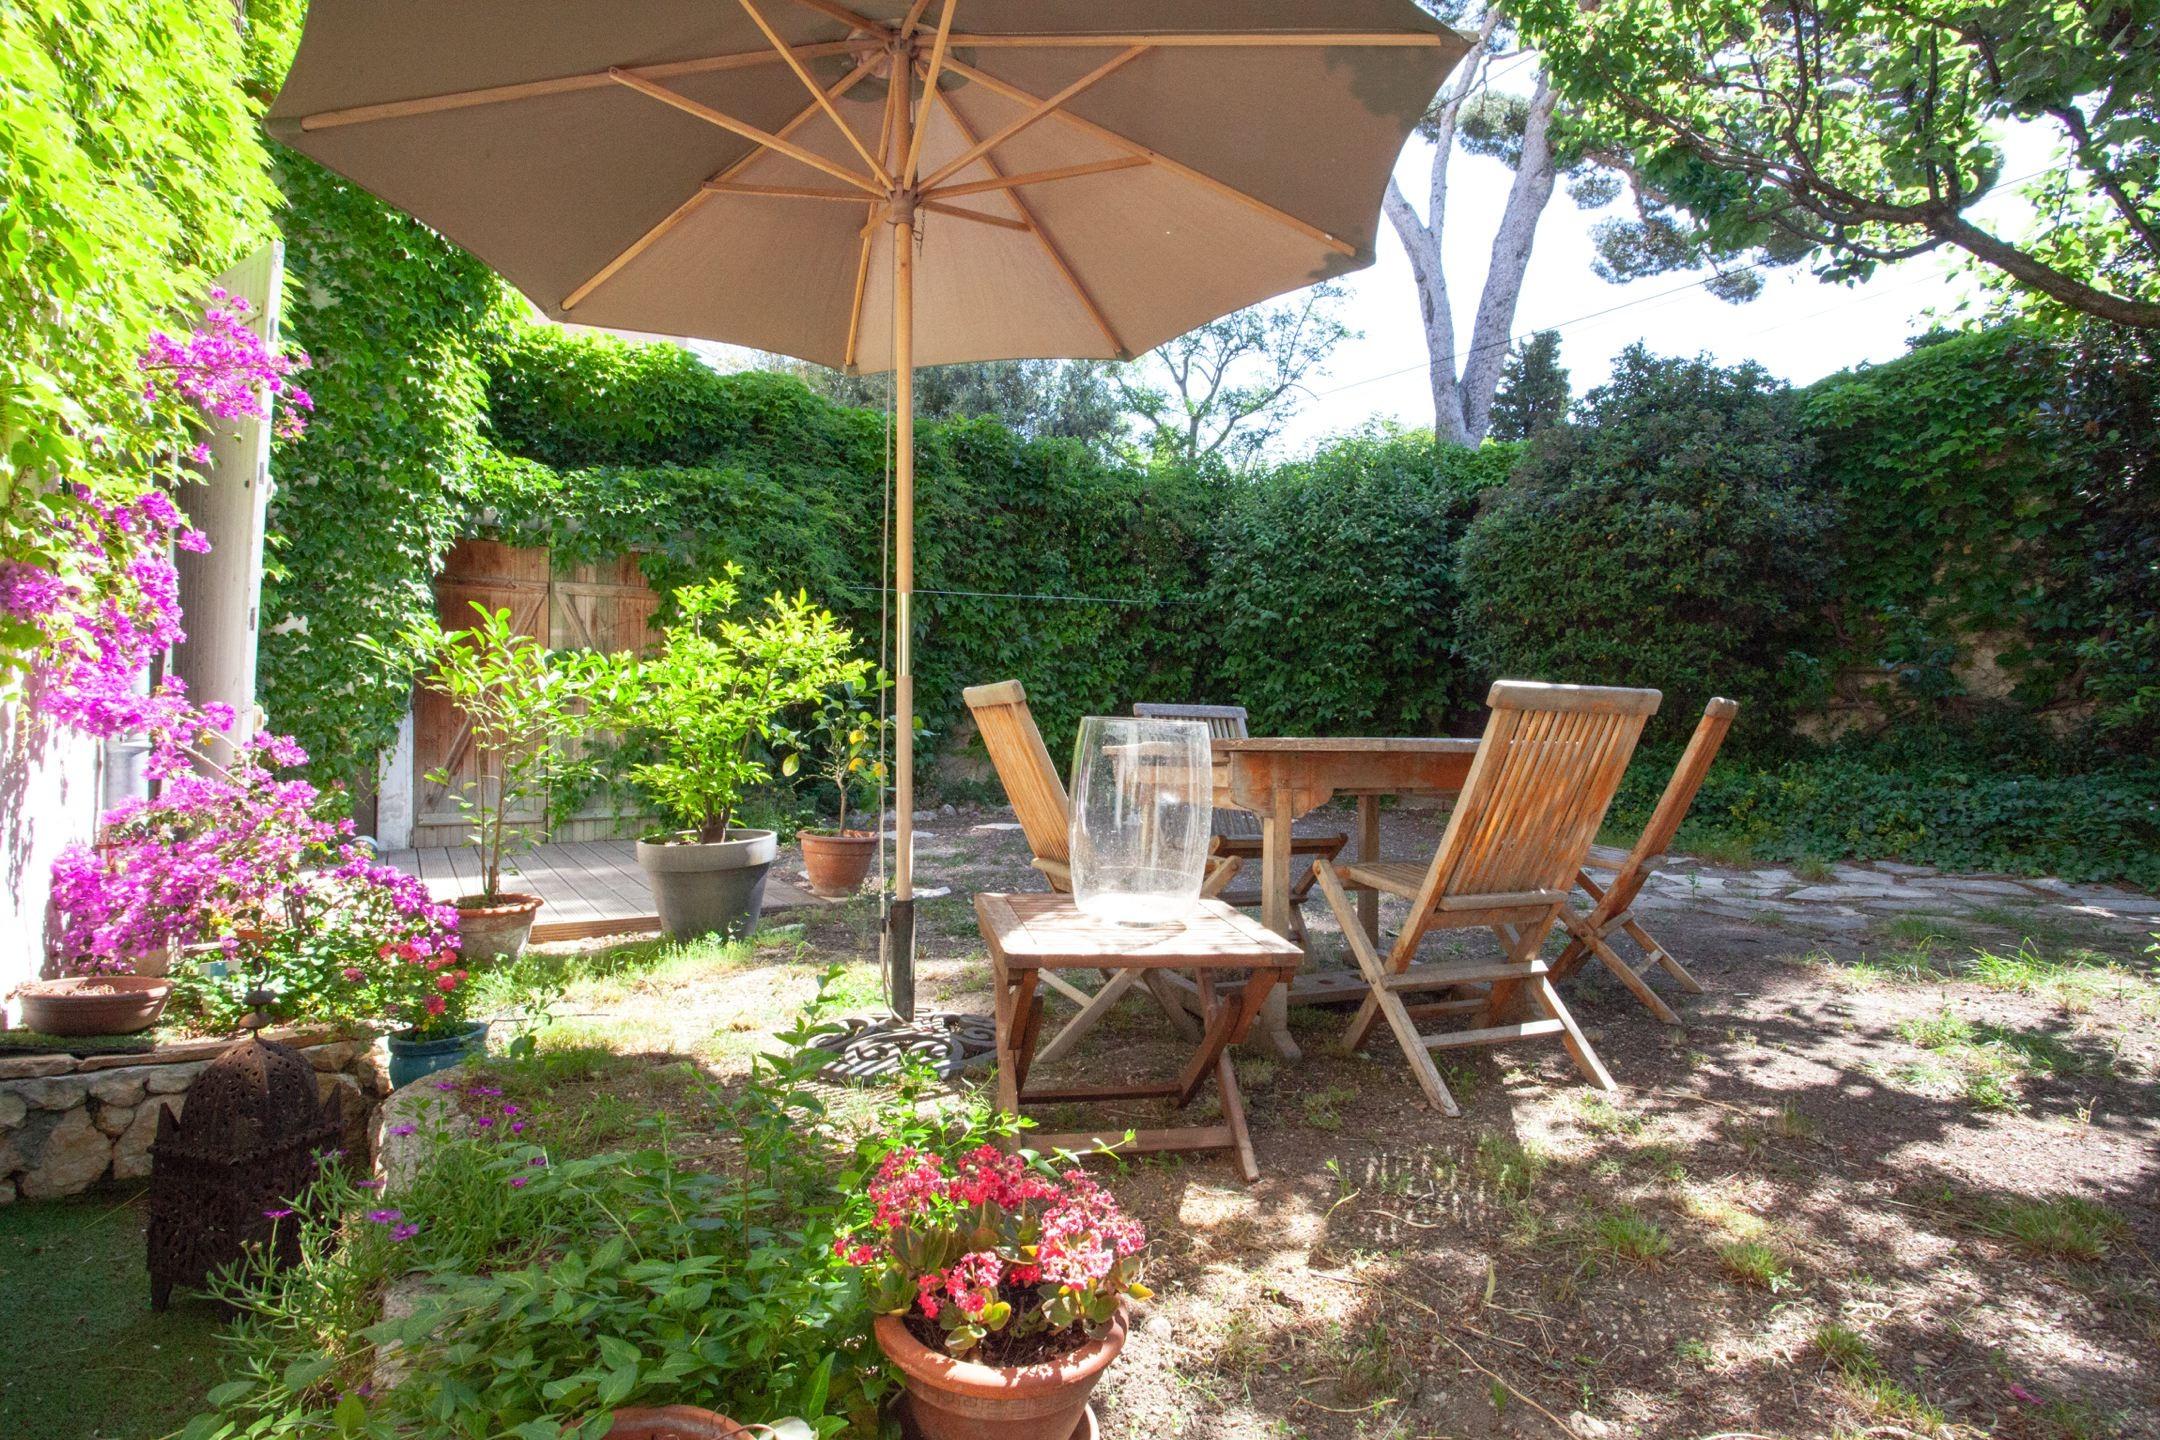 une maison de campagne dans le 6 me ma terrasse marseille. Black Bedroom Furniture Sets. Home Design Ideas